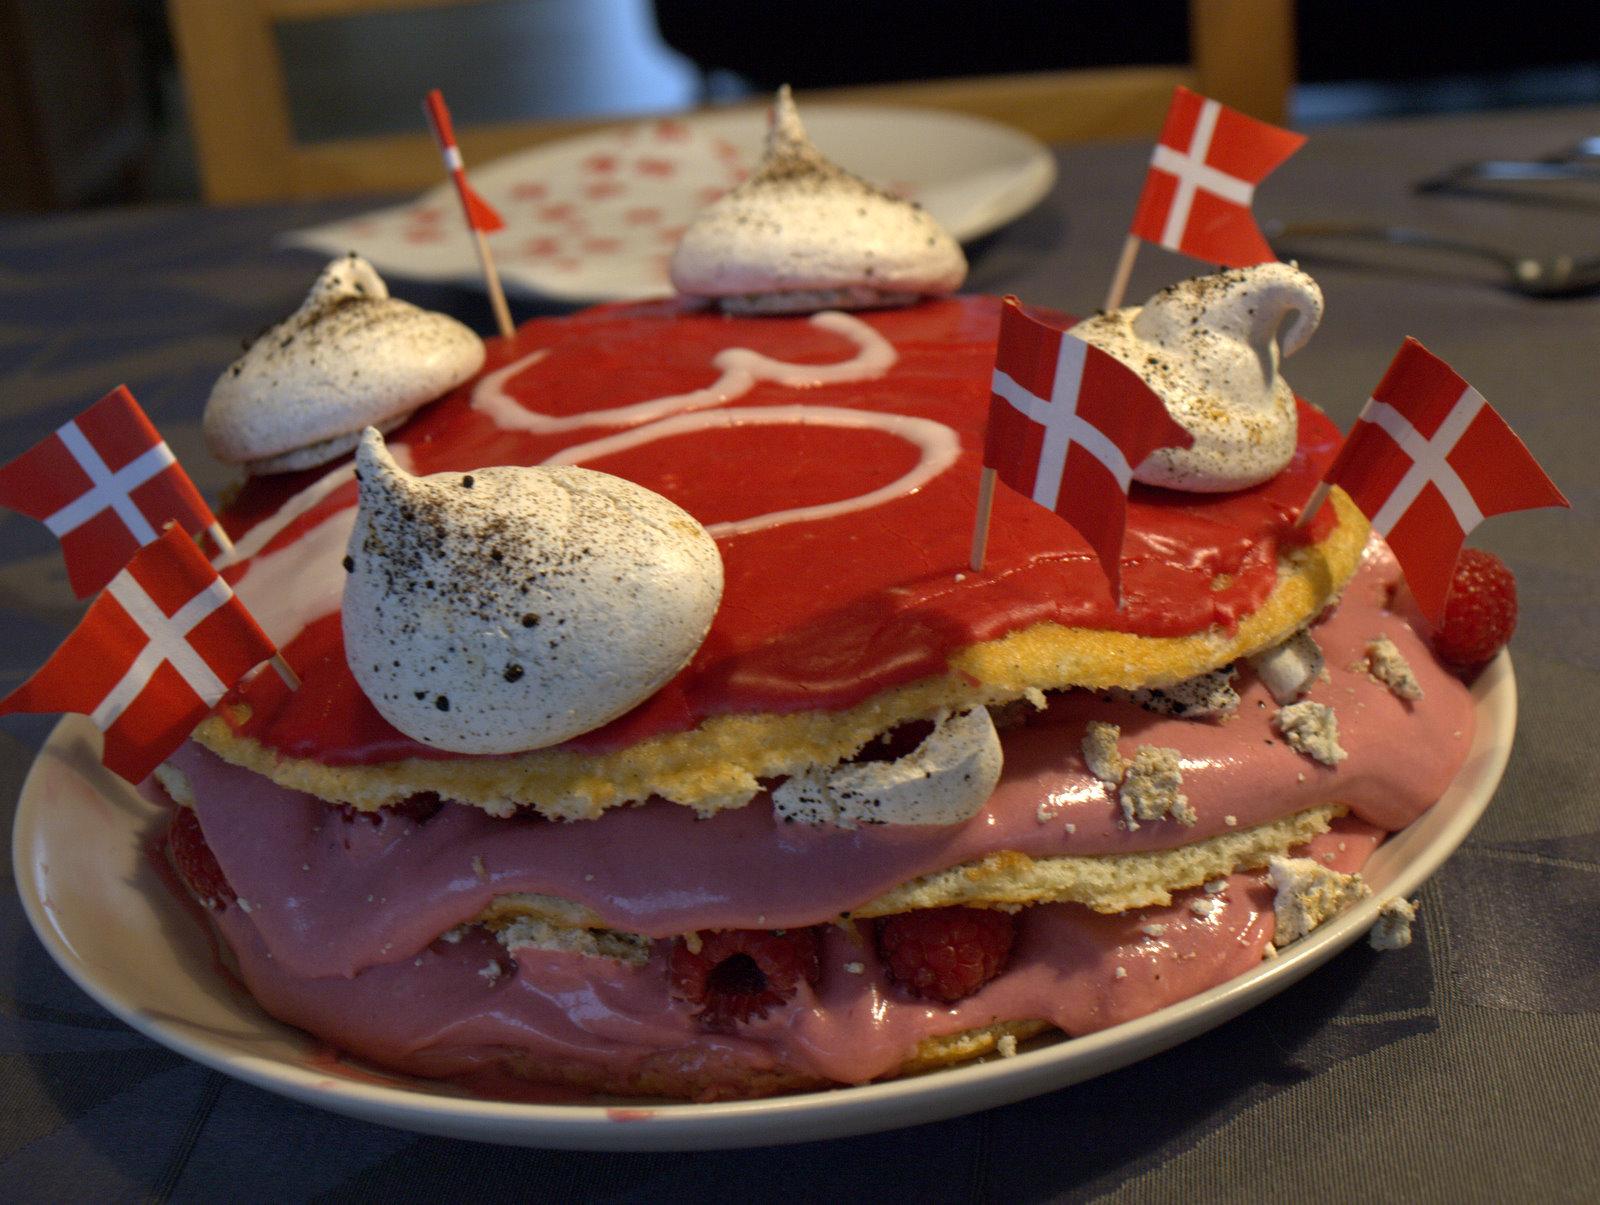 En rigtig tøsekage - hindbærlagkage med lakridsmarengs.